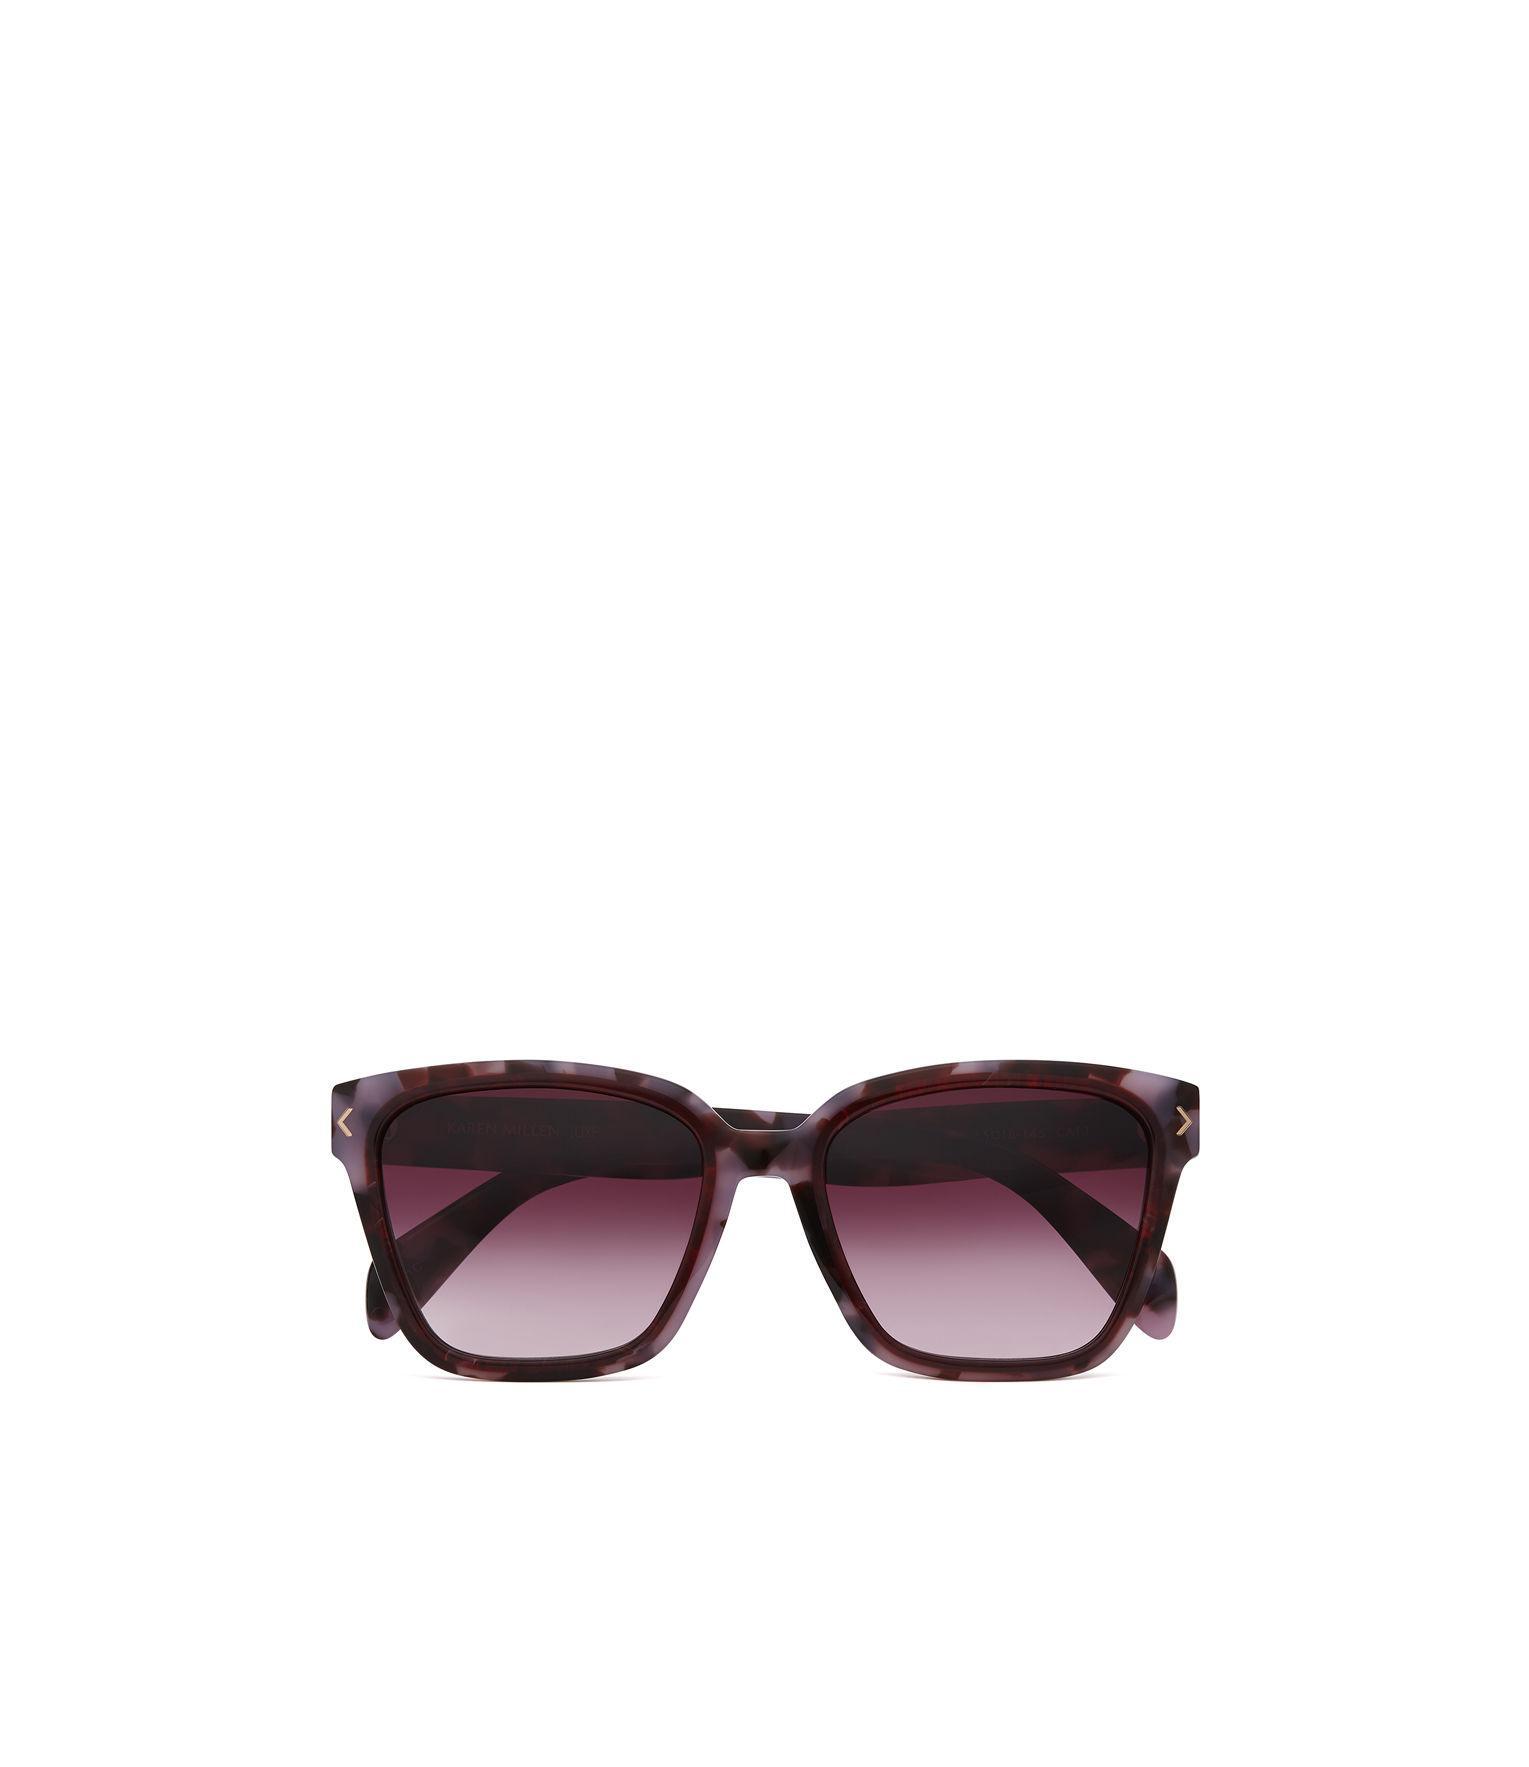 Karen Millen Synthetic Deep Square Sunglasses in Pink